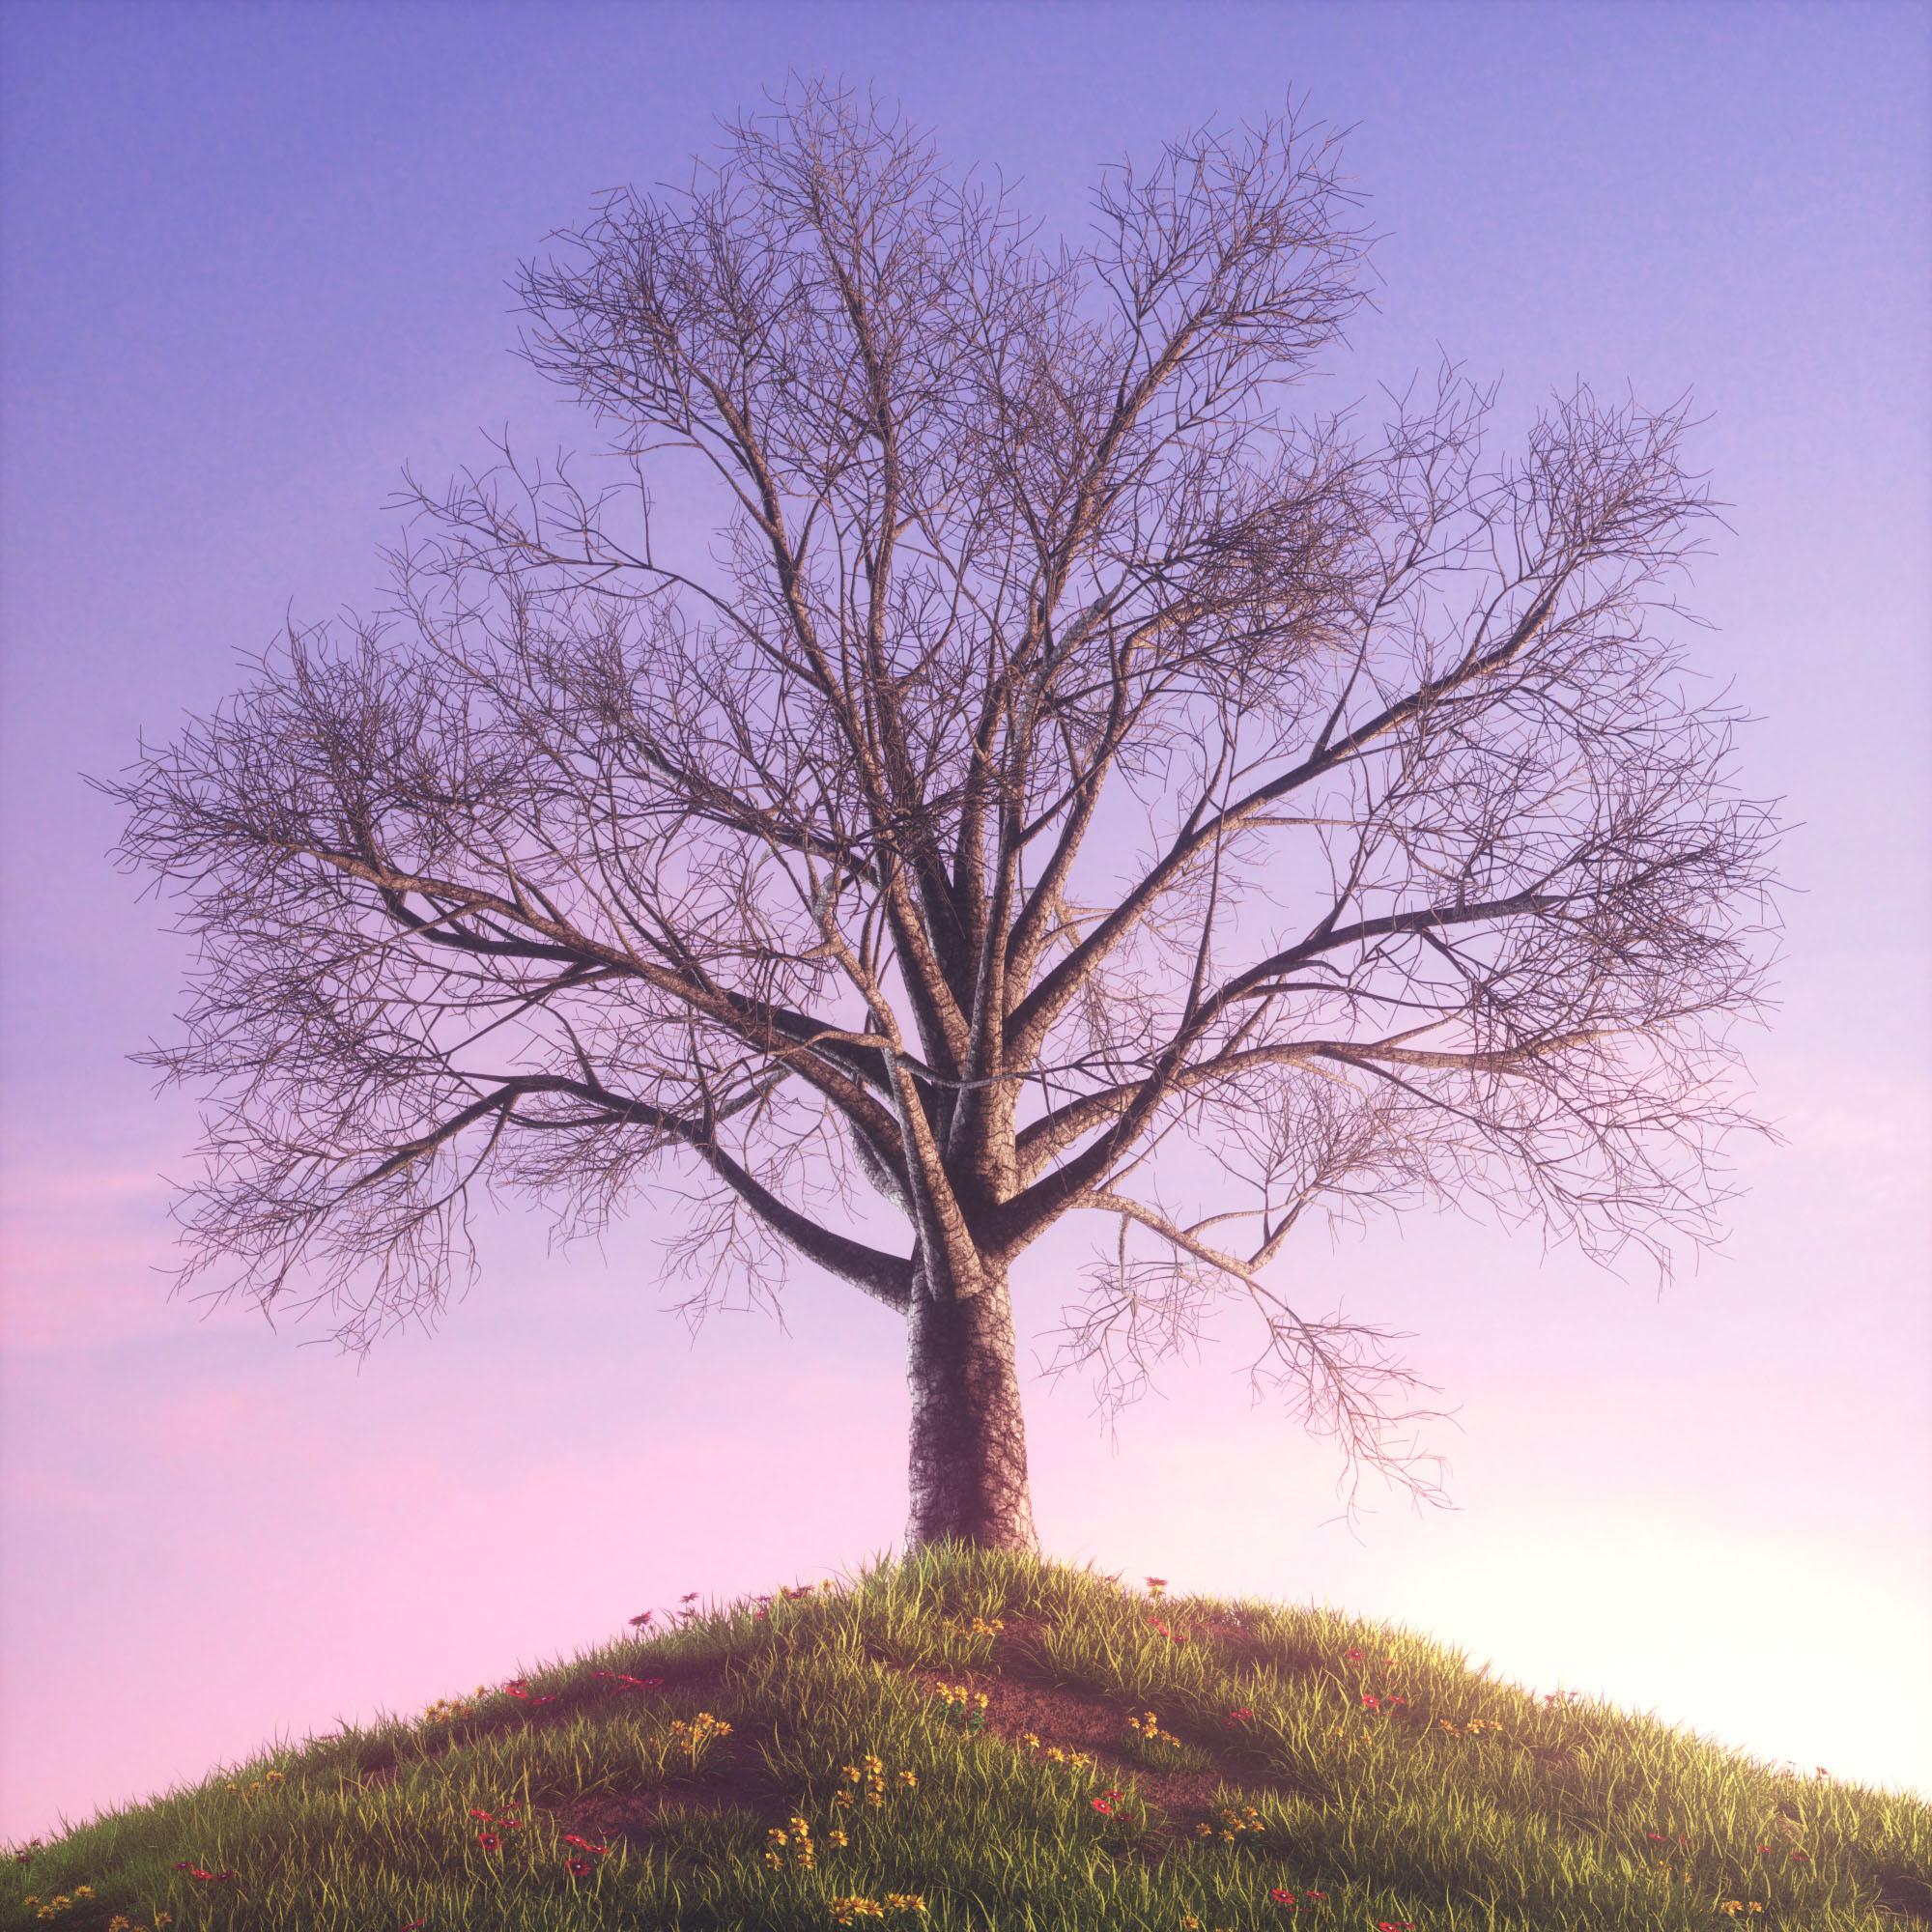 tree_morning_v5-0-00-00-0035